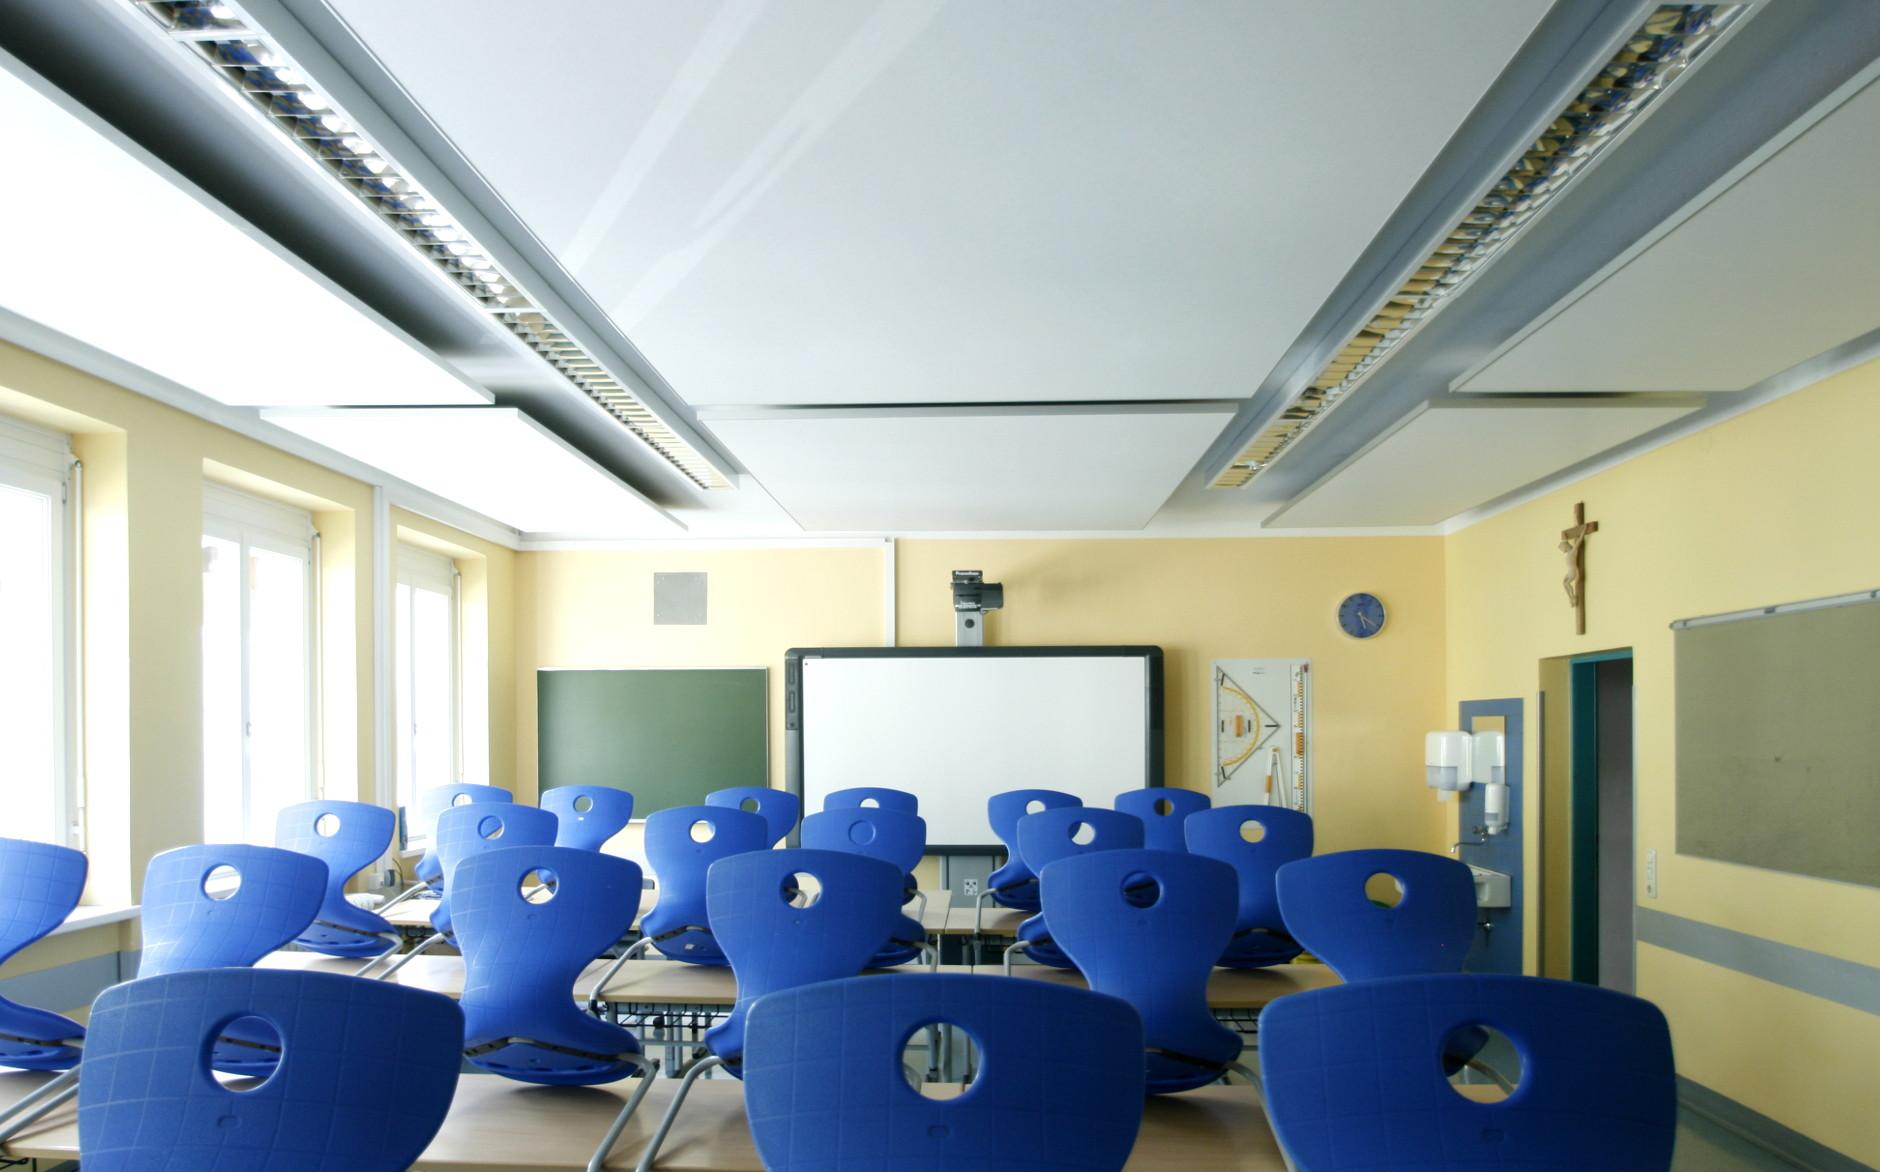 Deckenakustik in einer Schulklasse